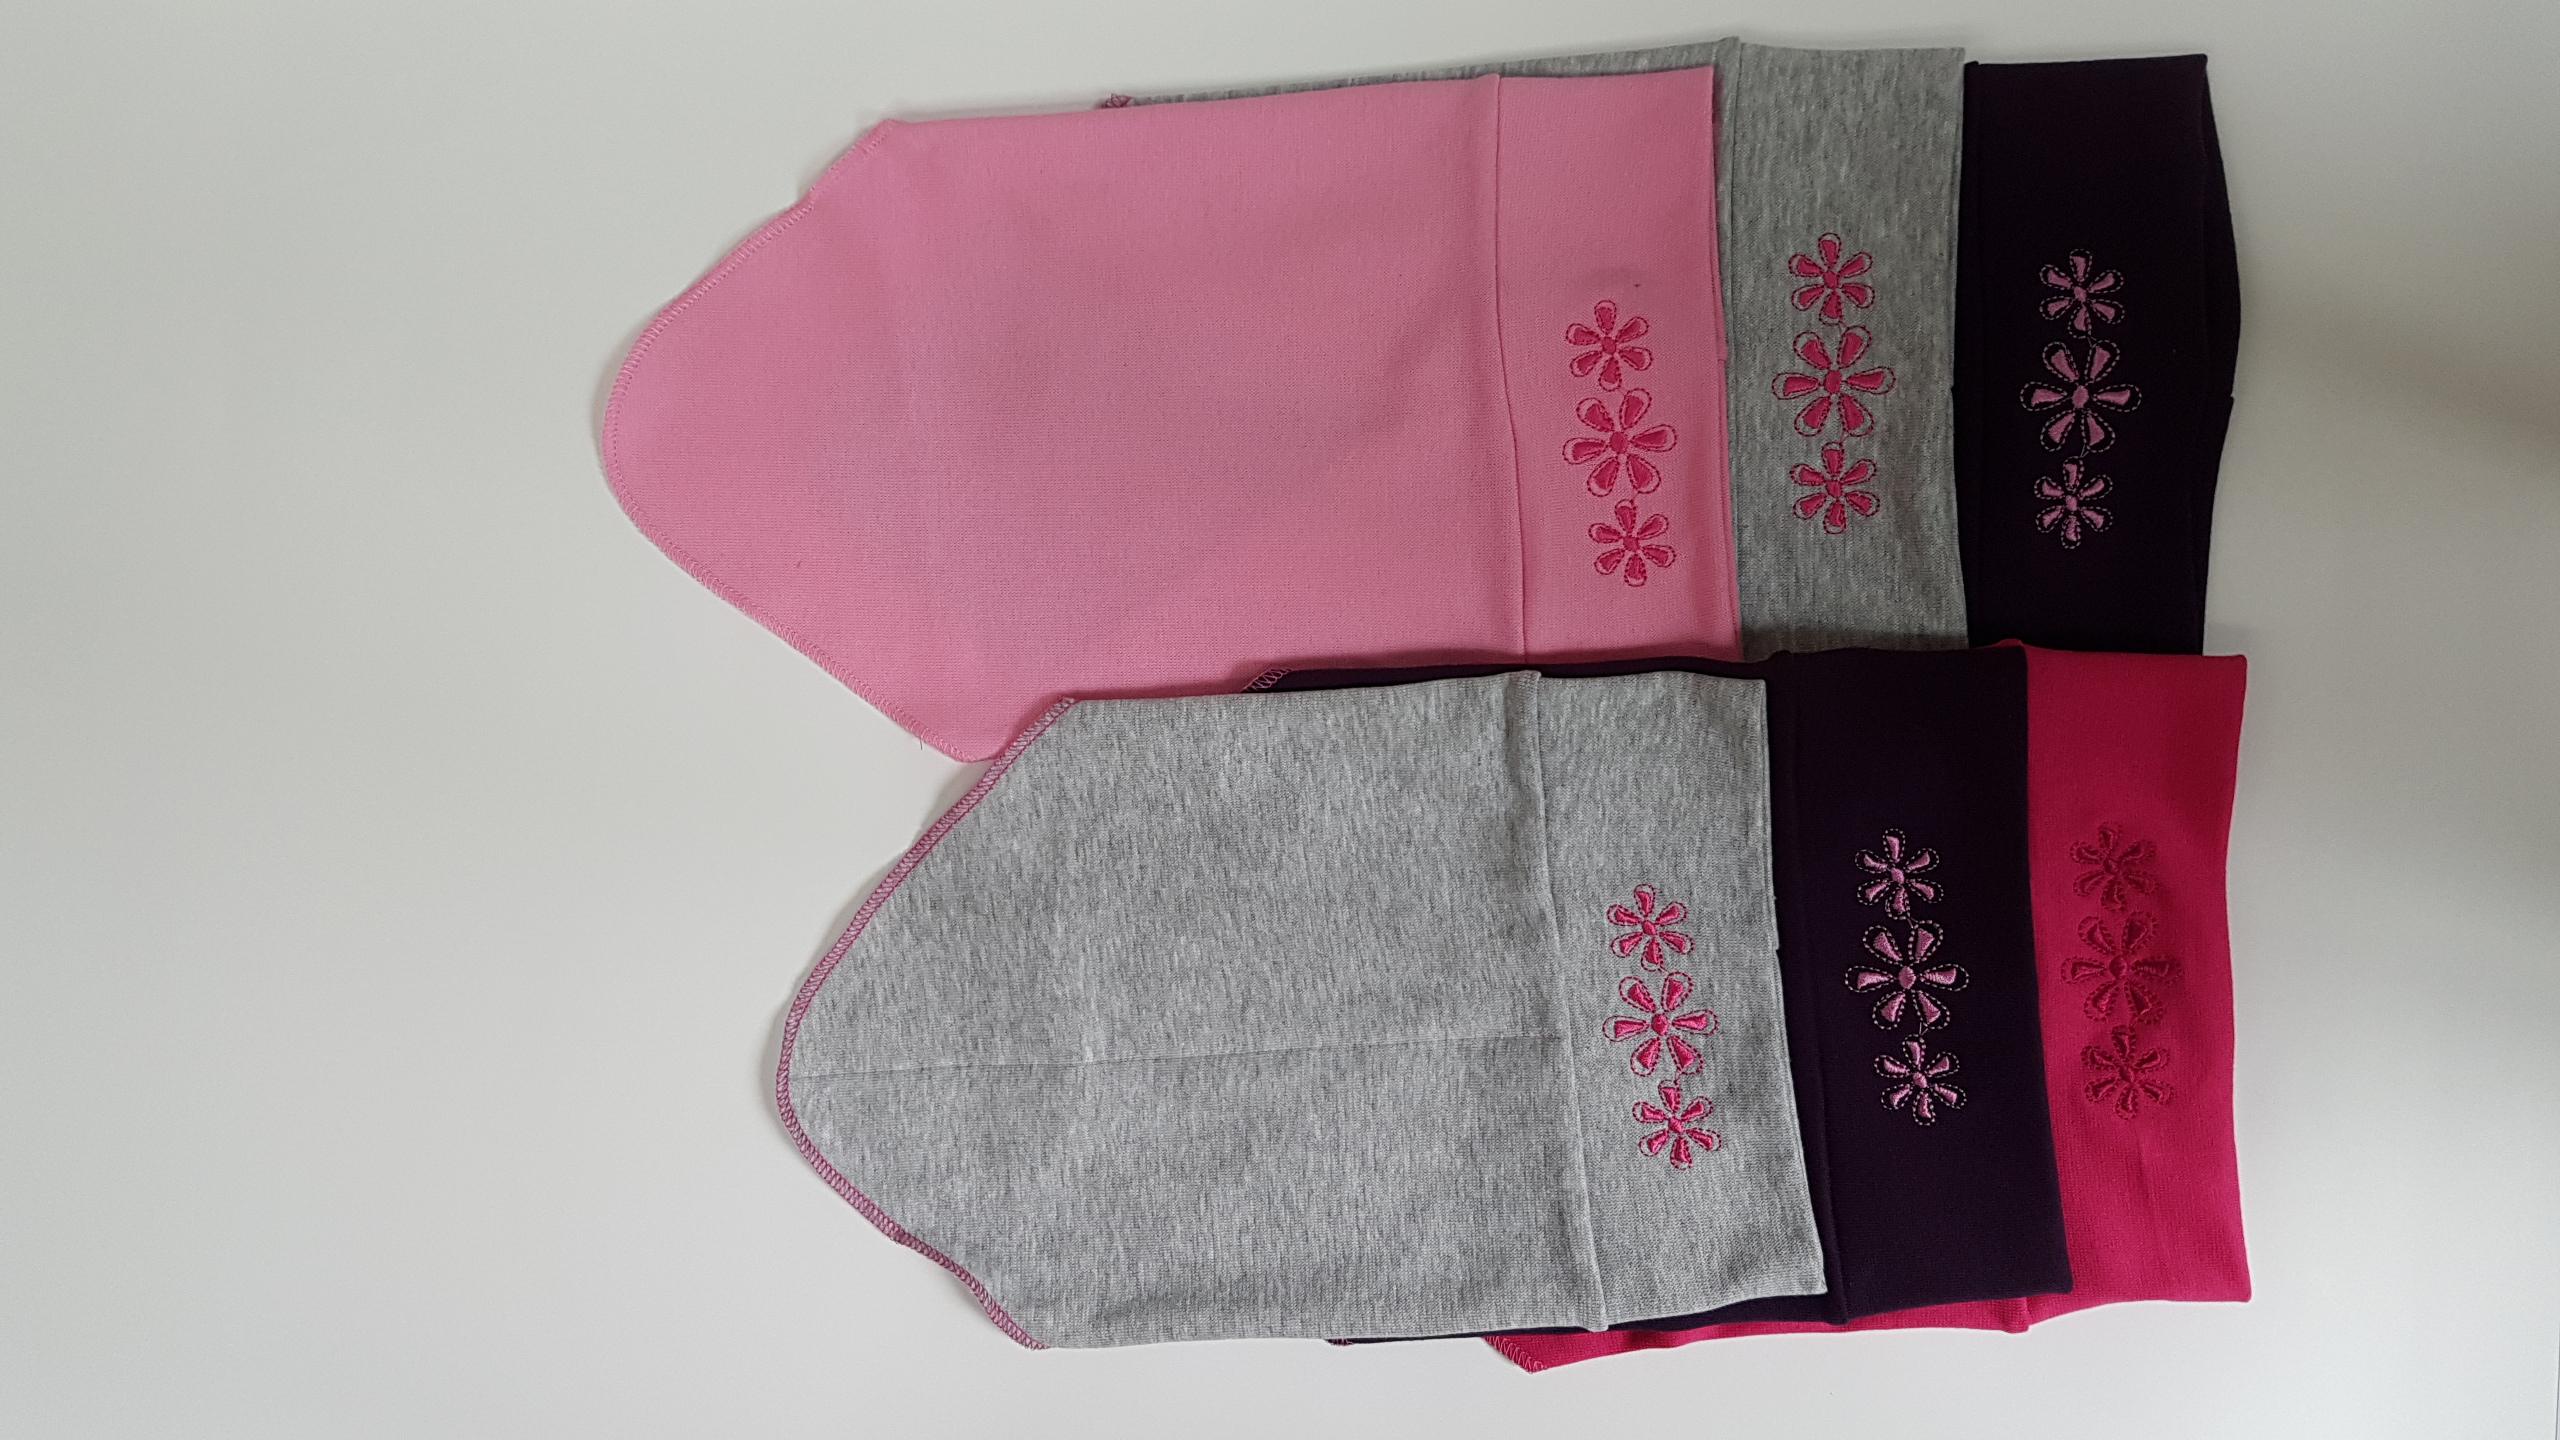 Dívčí bavlněný šátek na hlavu vel. 50-52cm (různé barvy)  12a7204d74